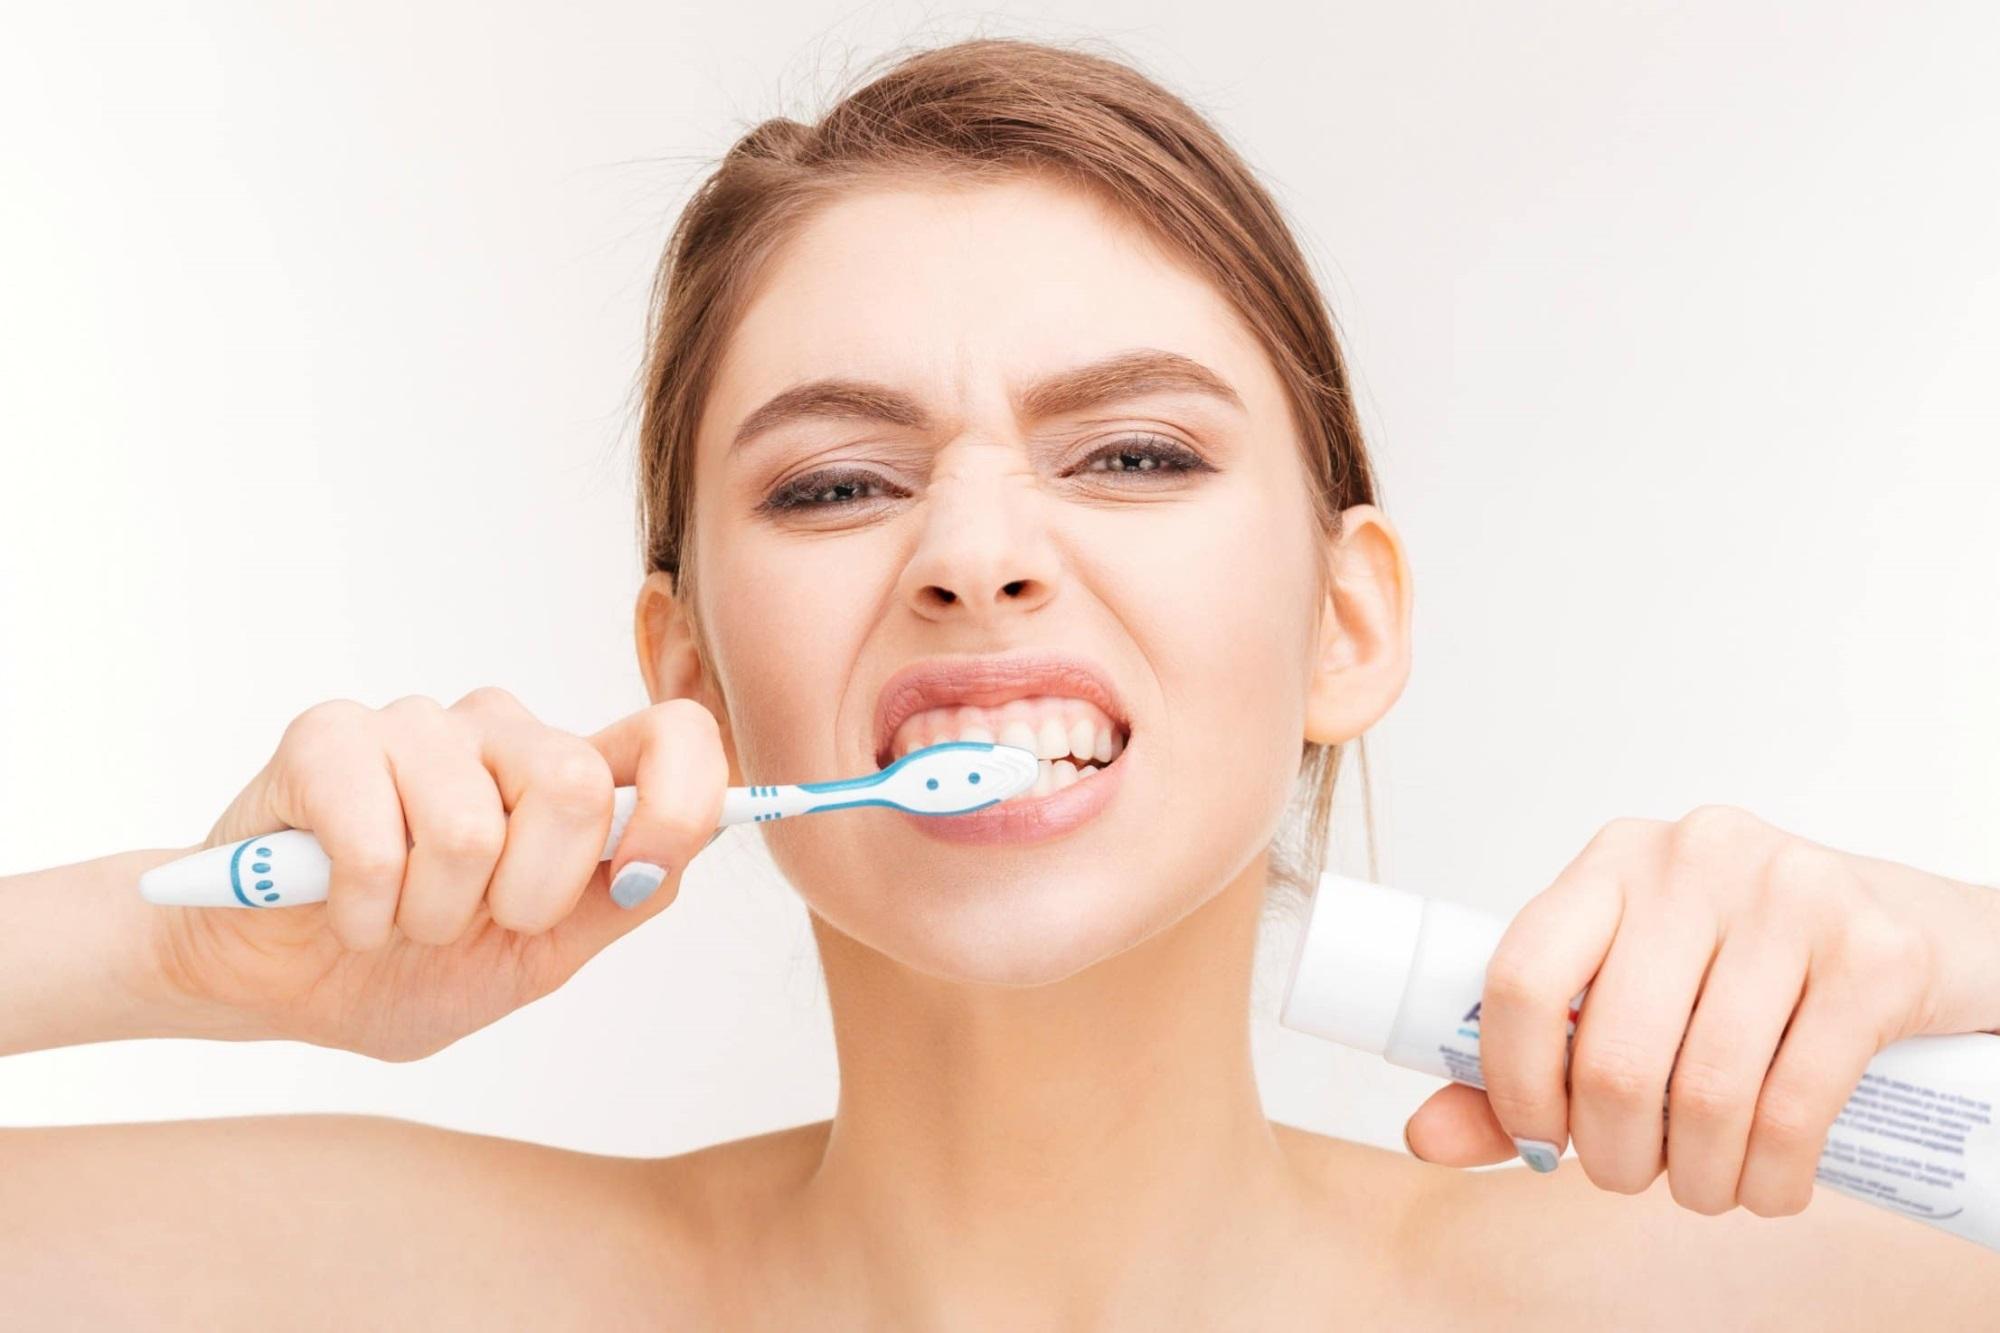 90% người Việt mắc bệnh răng miệng chỉ vì 10 thói quen khó bỏ này - Ảnh 1